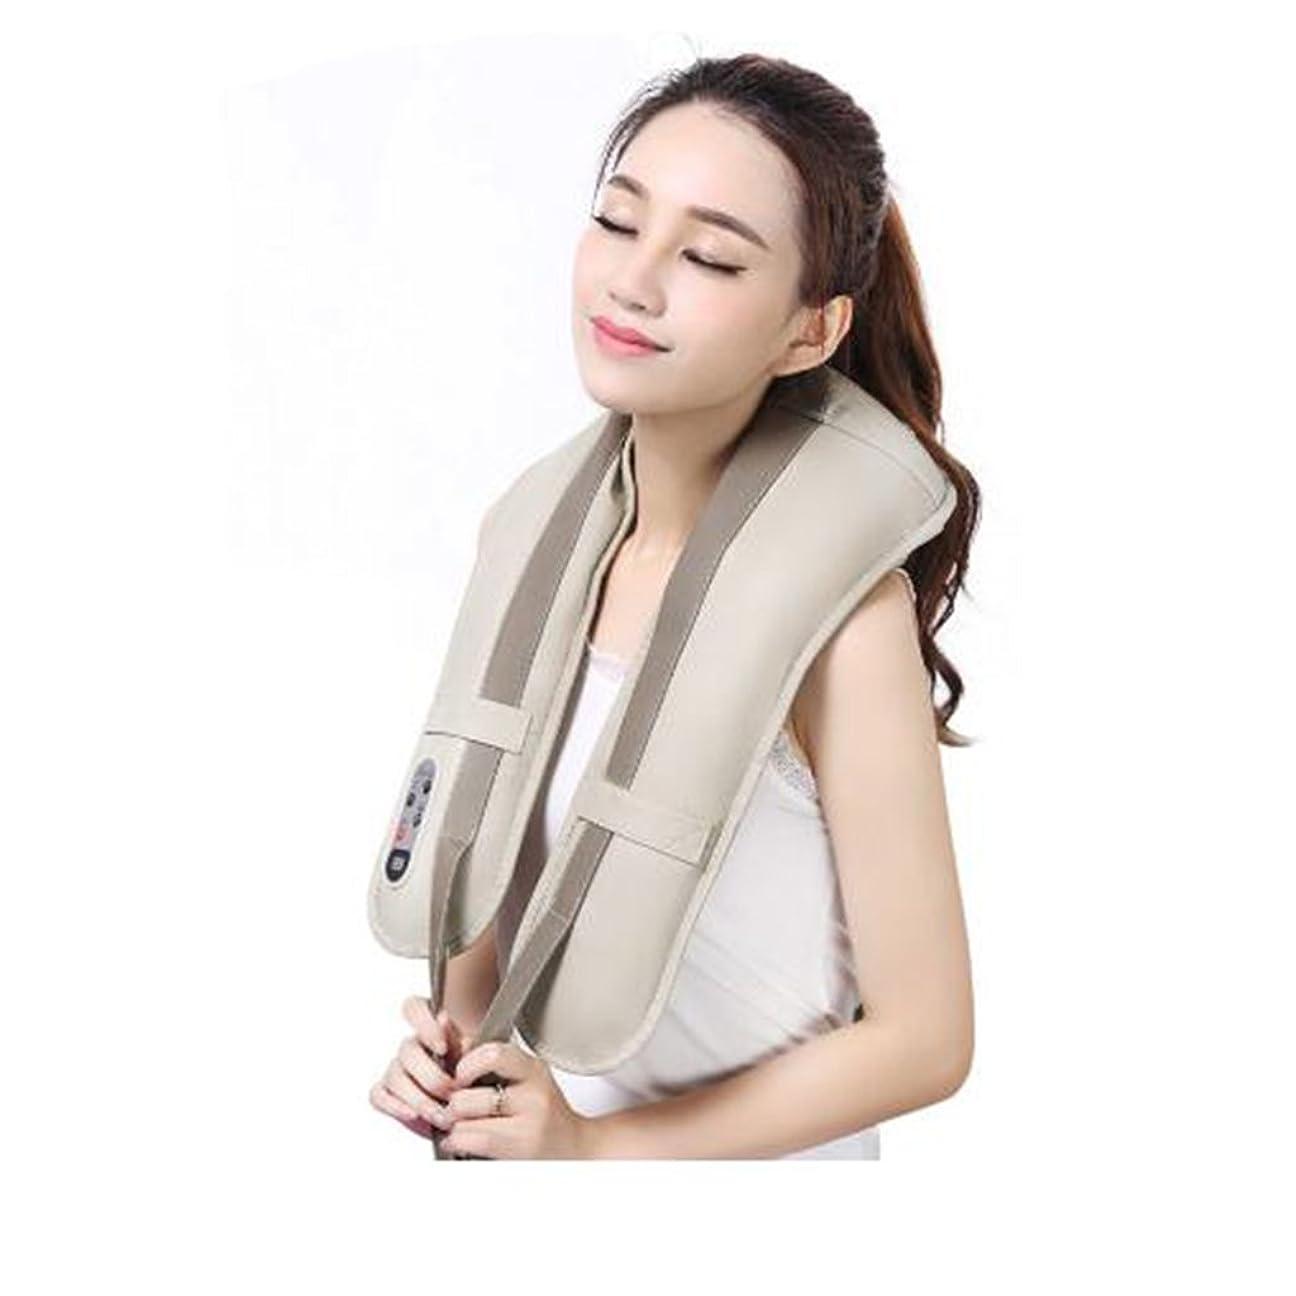 知性矢に向かってホットネックマッサージャーポータブル電気パーカッション頸部マッサージショールの痛みの首と肩の多機能タップマッサージャー (色 : A)